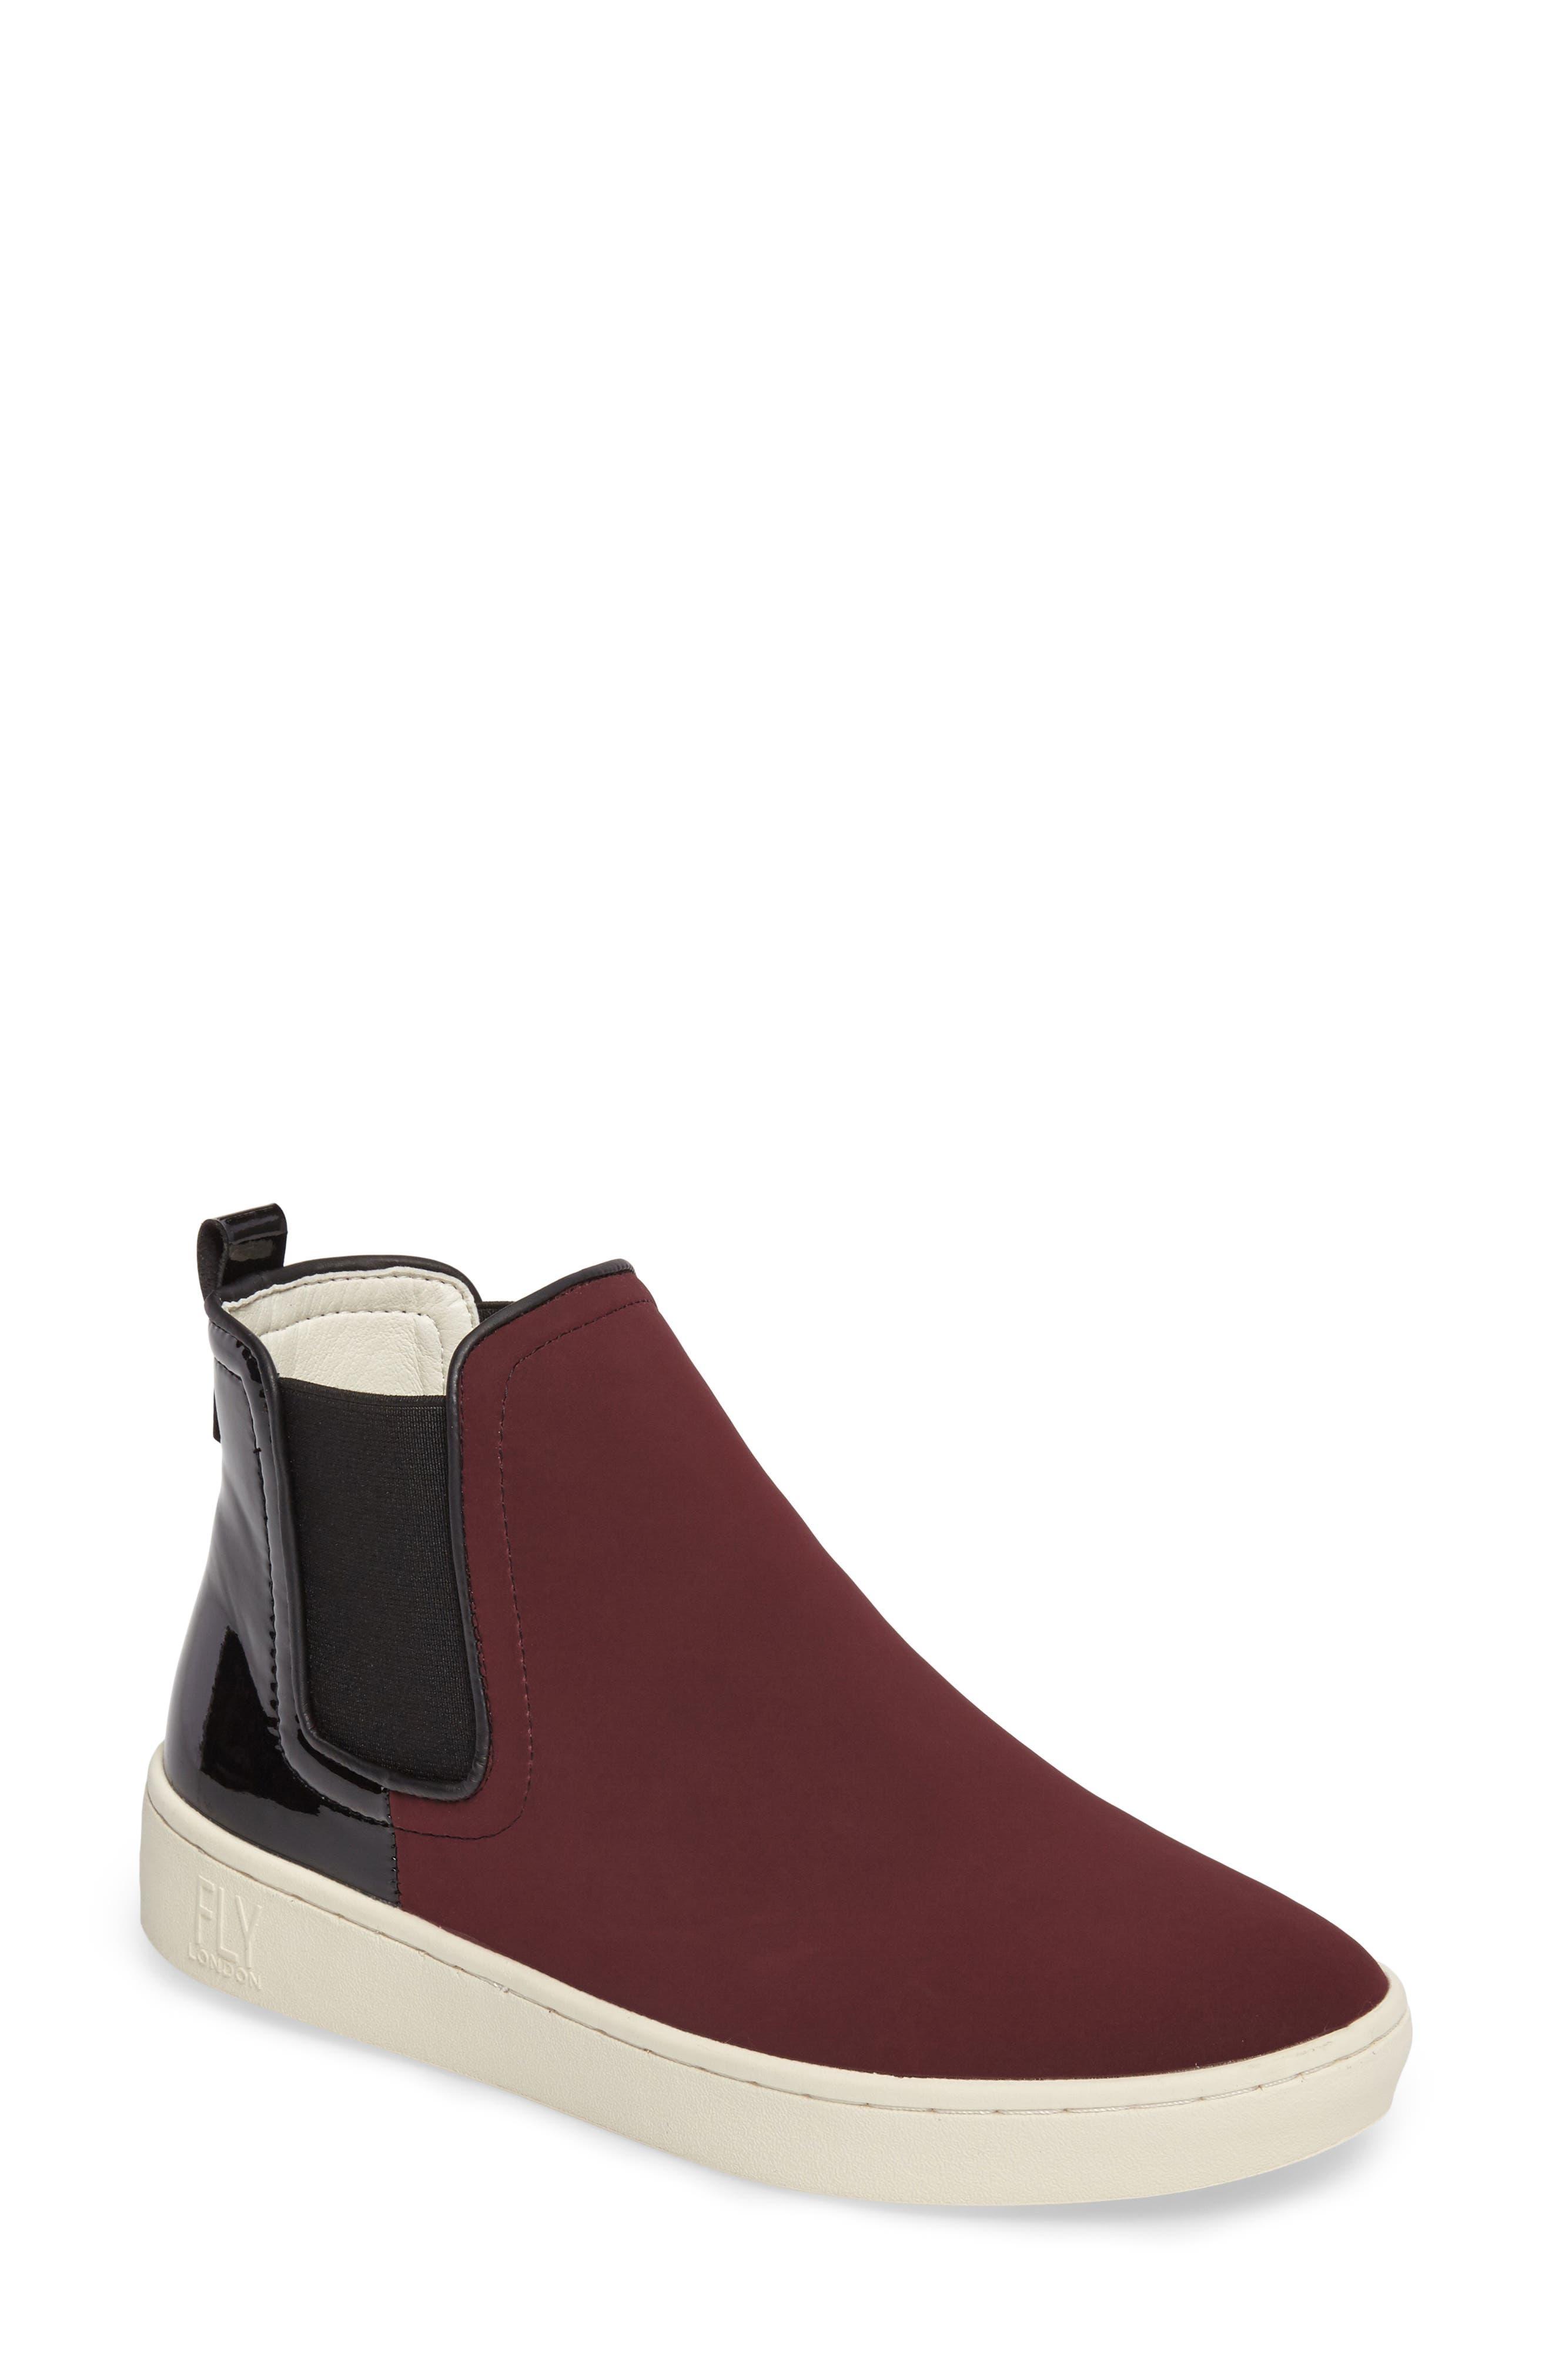 'Mabs' Slip-On Platform Sneaker,                         Main,                         color, 003